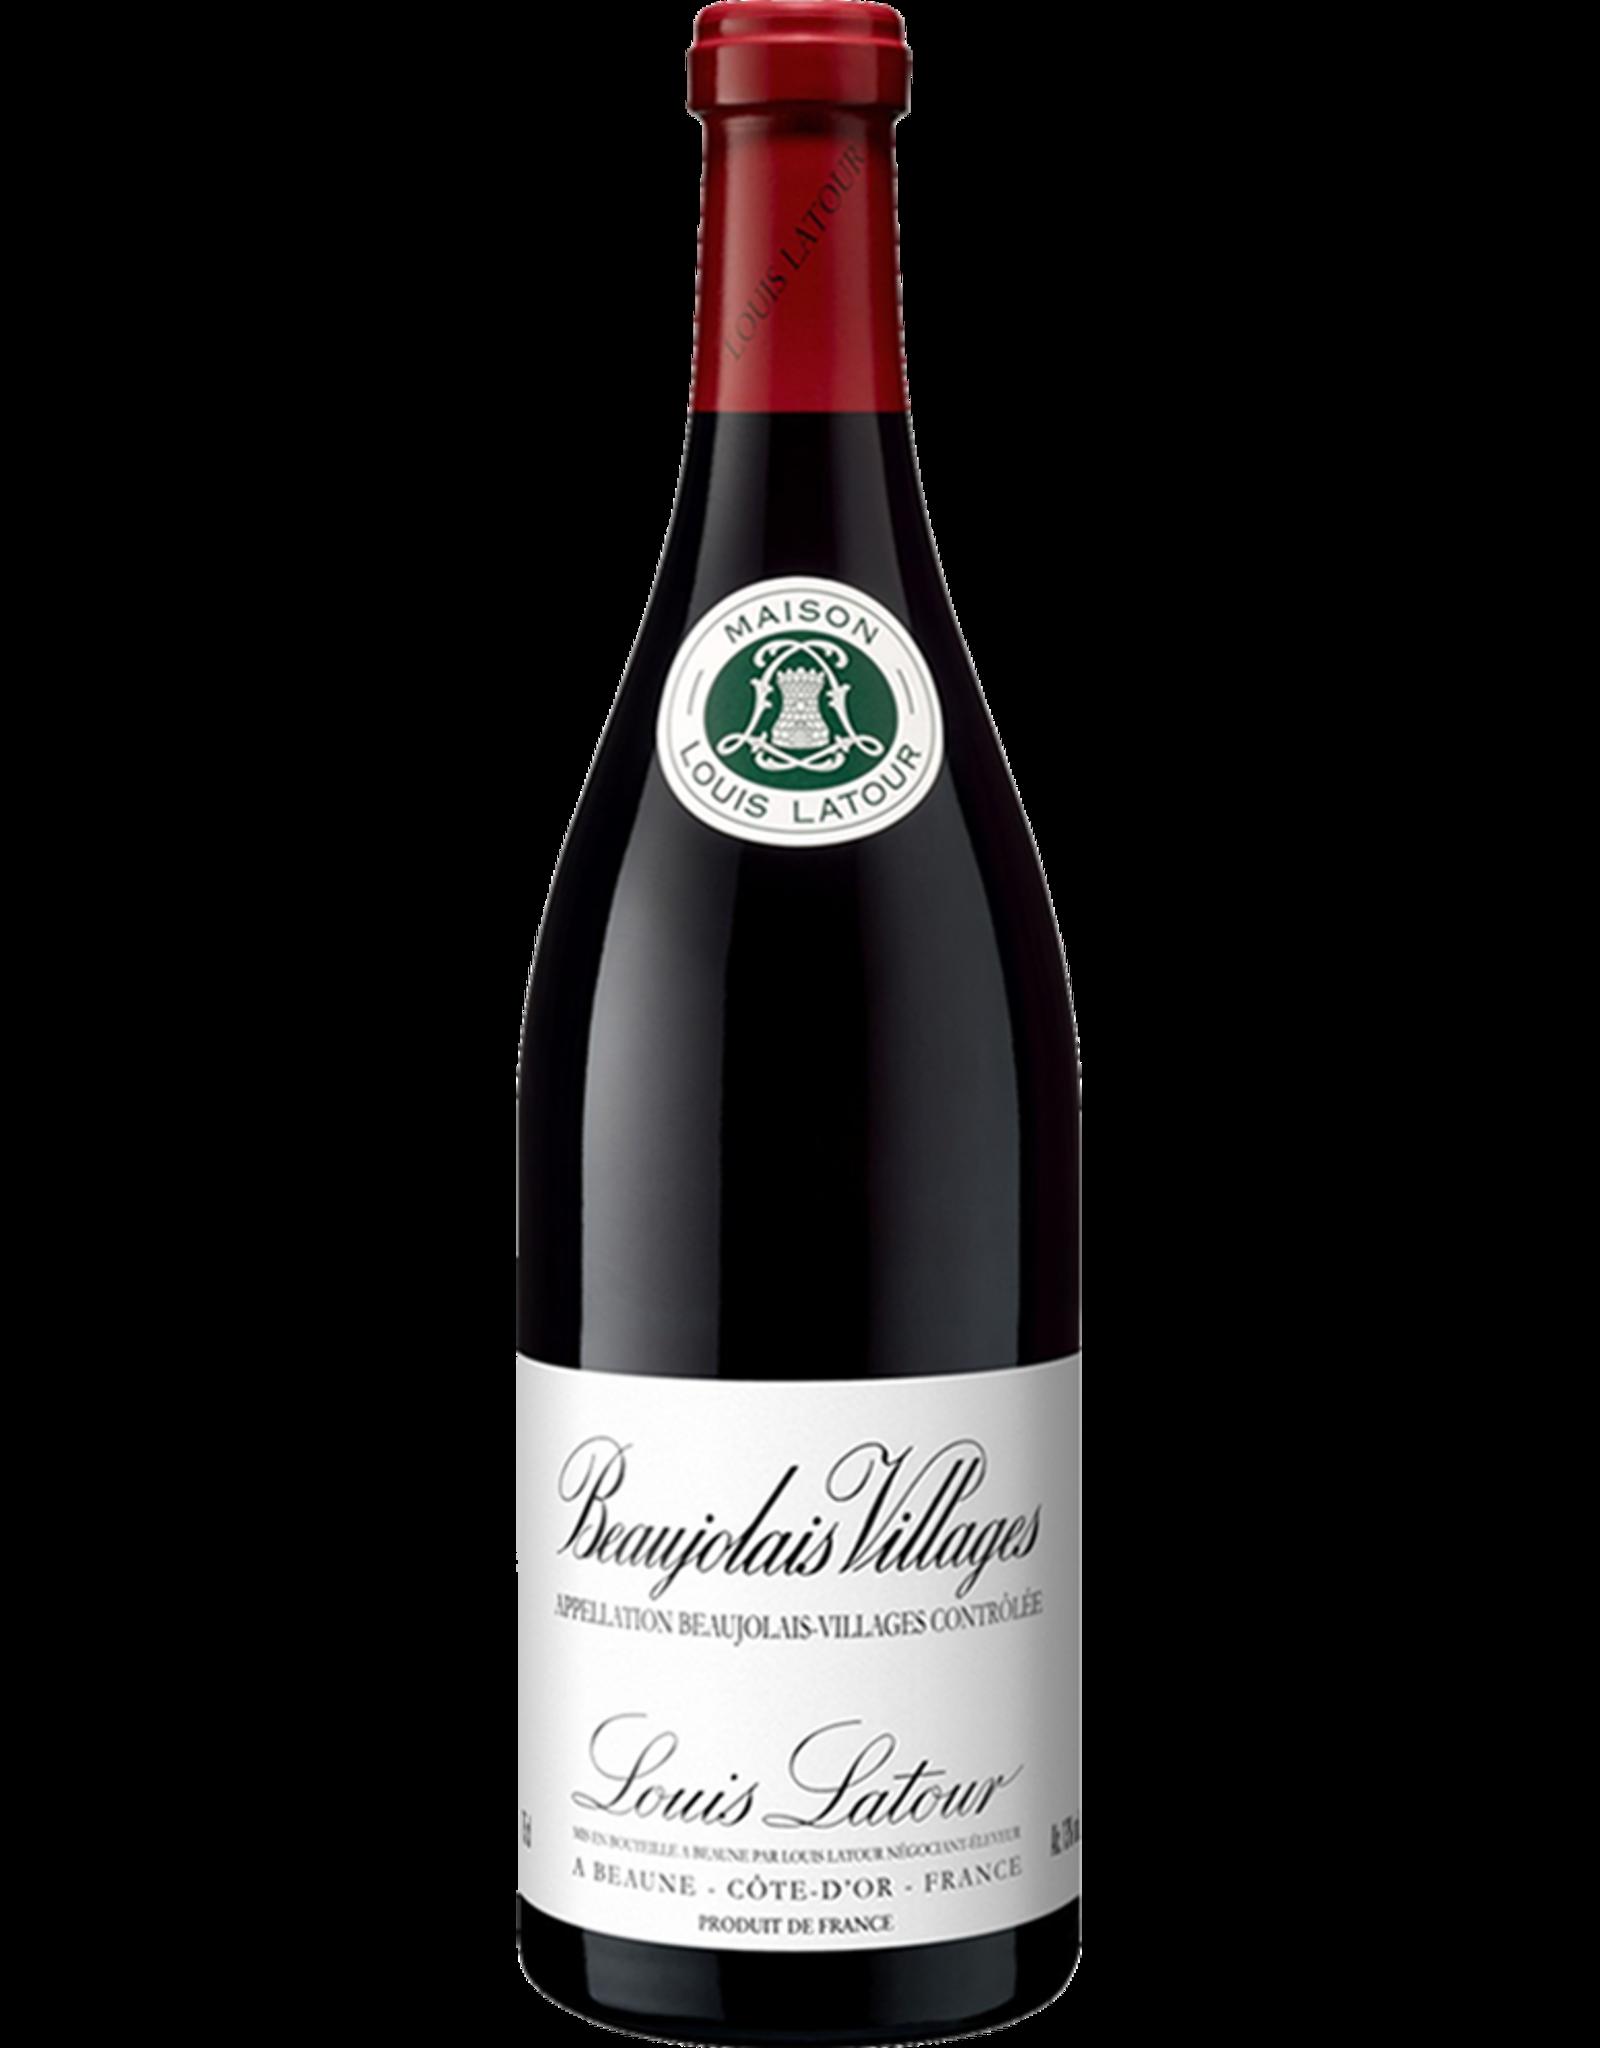 Louis Latour Beaujolais Villages 2017